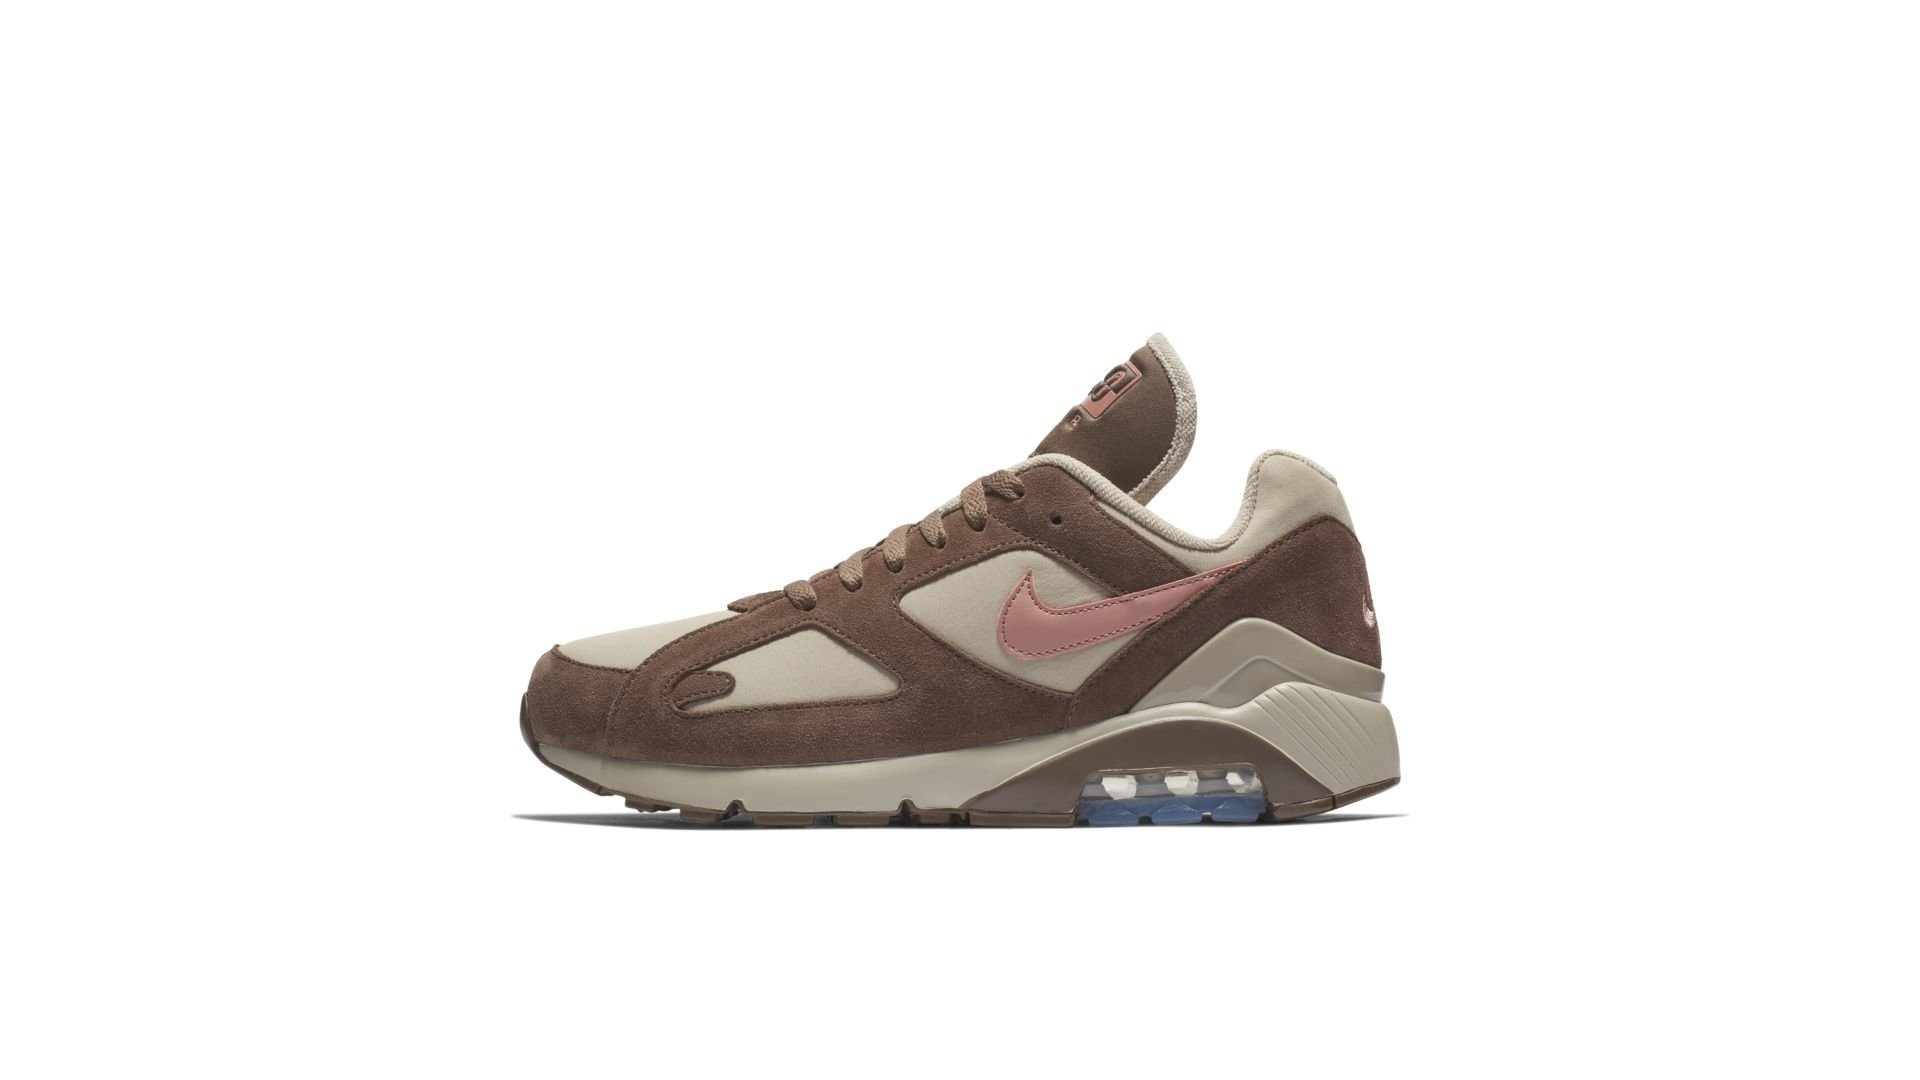 Nike Air Max 180 AV7023-200